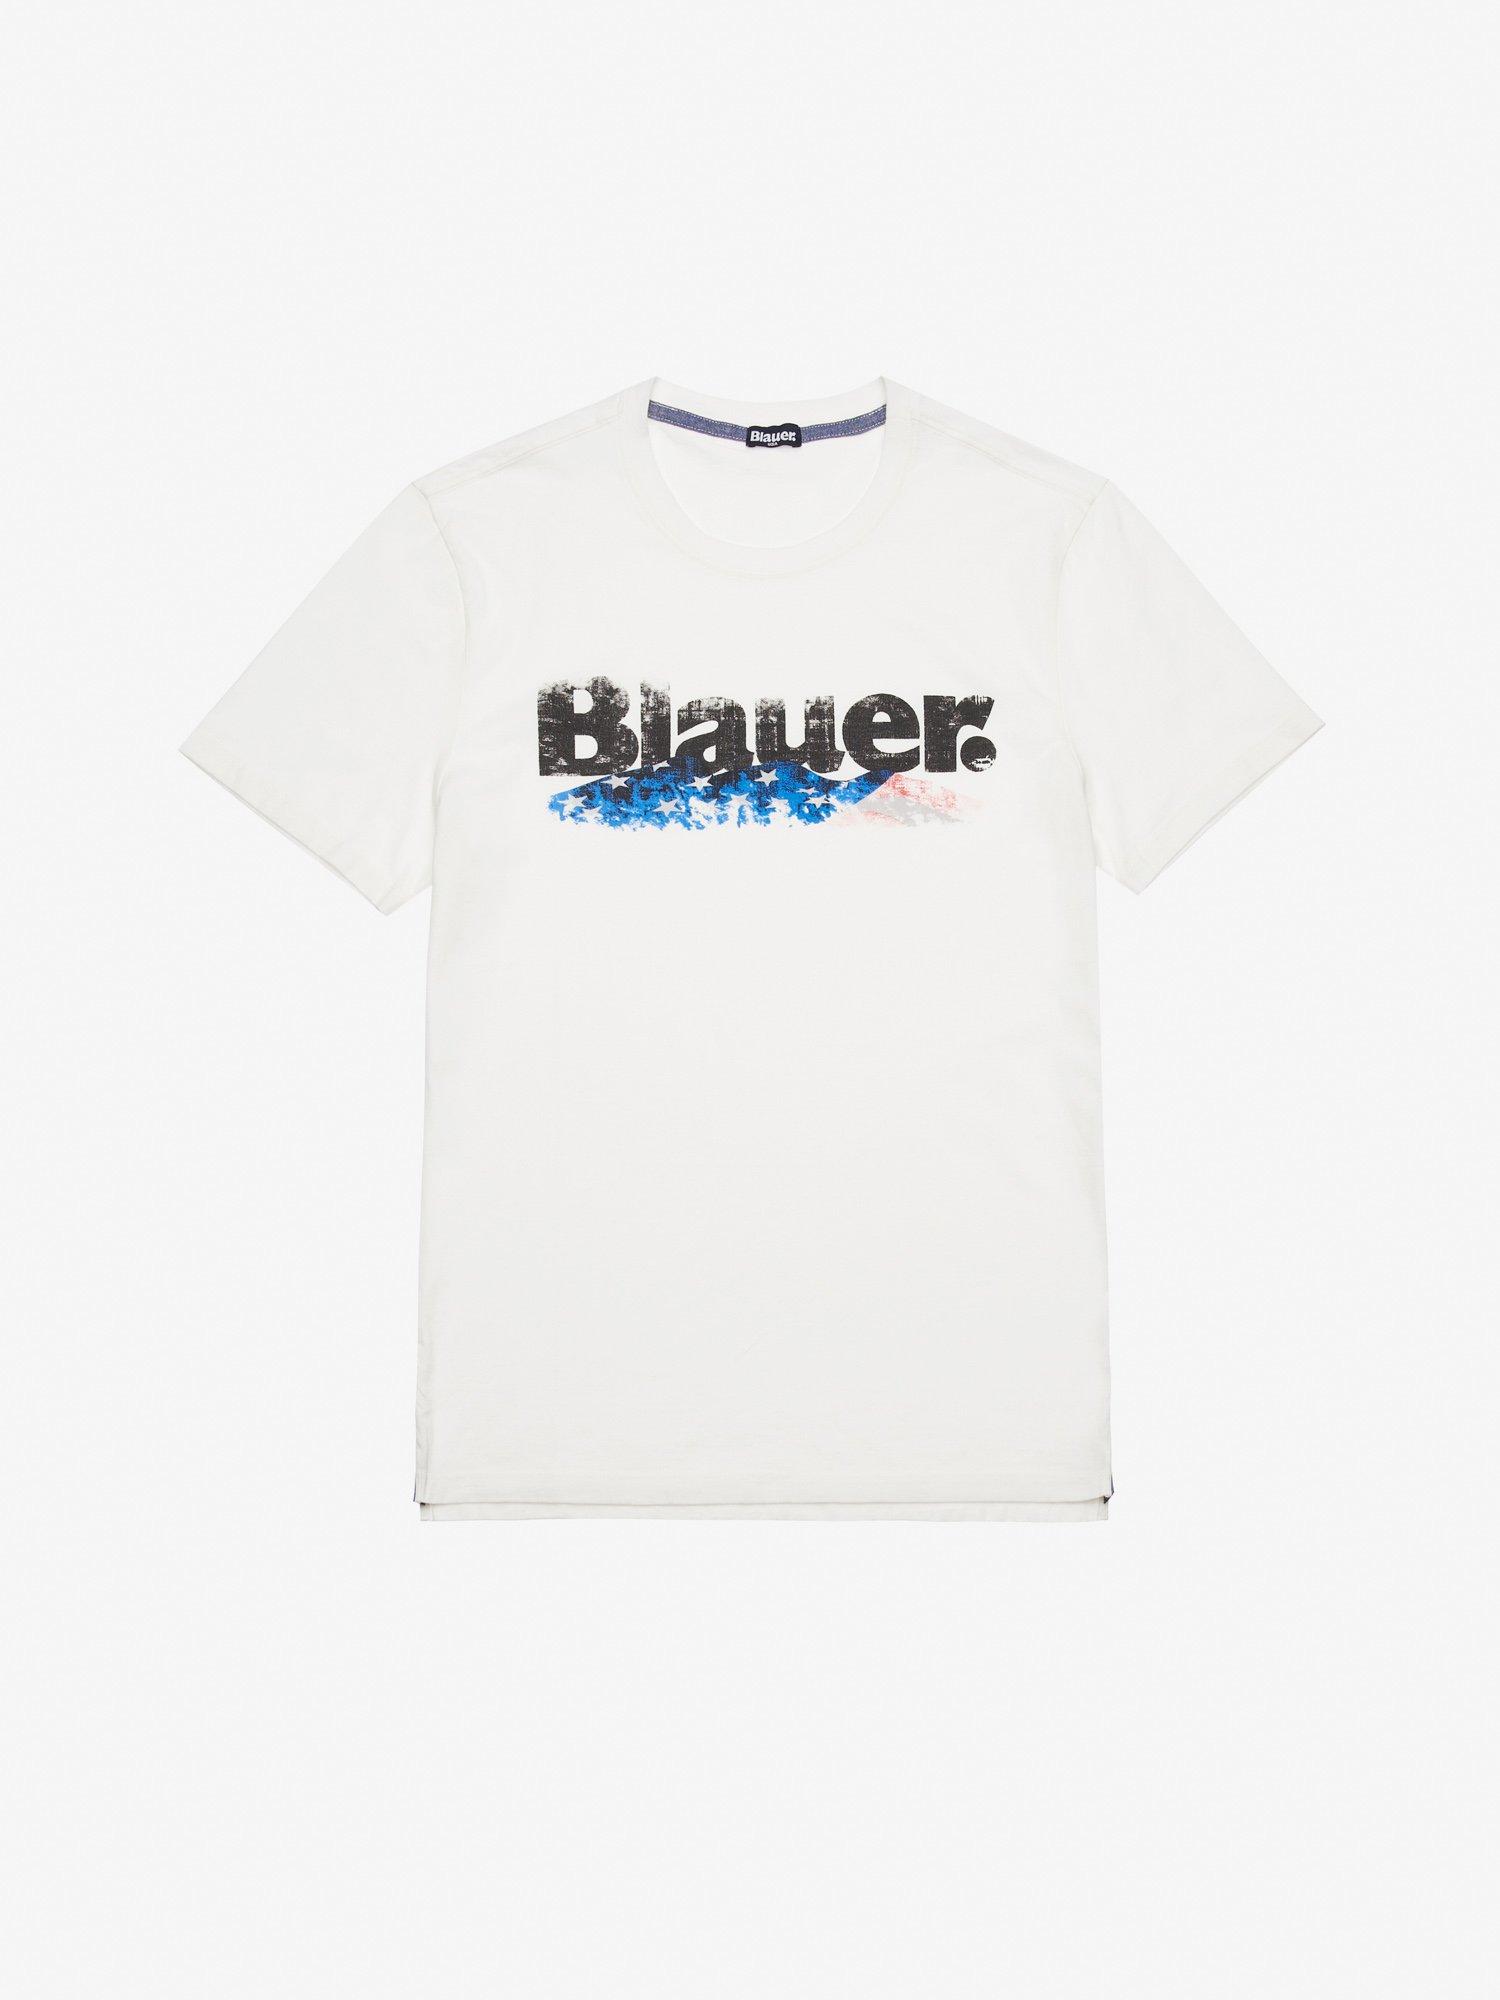 MEN'S GARMENT DYED JERSEY T-SHIRT - Blauer